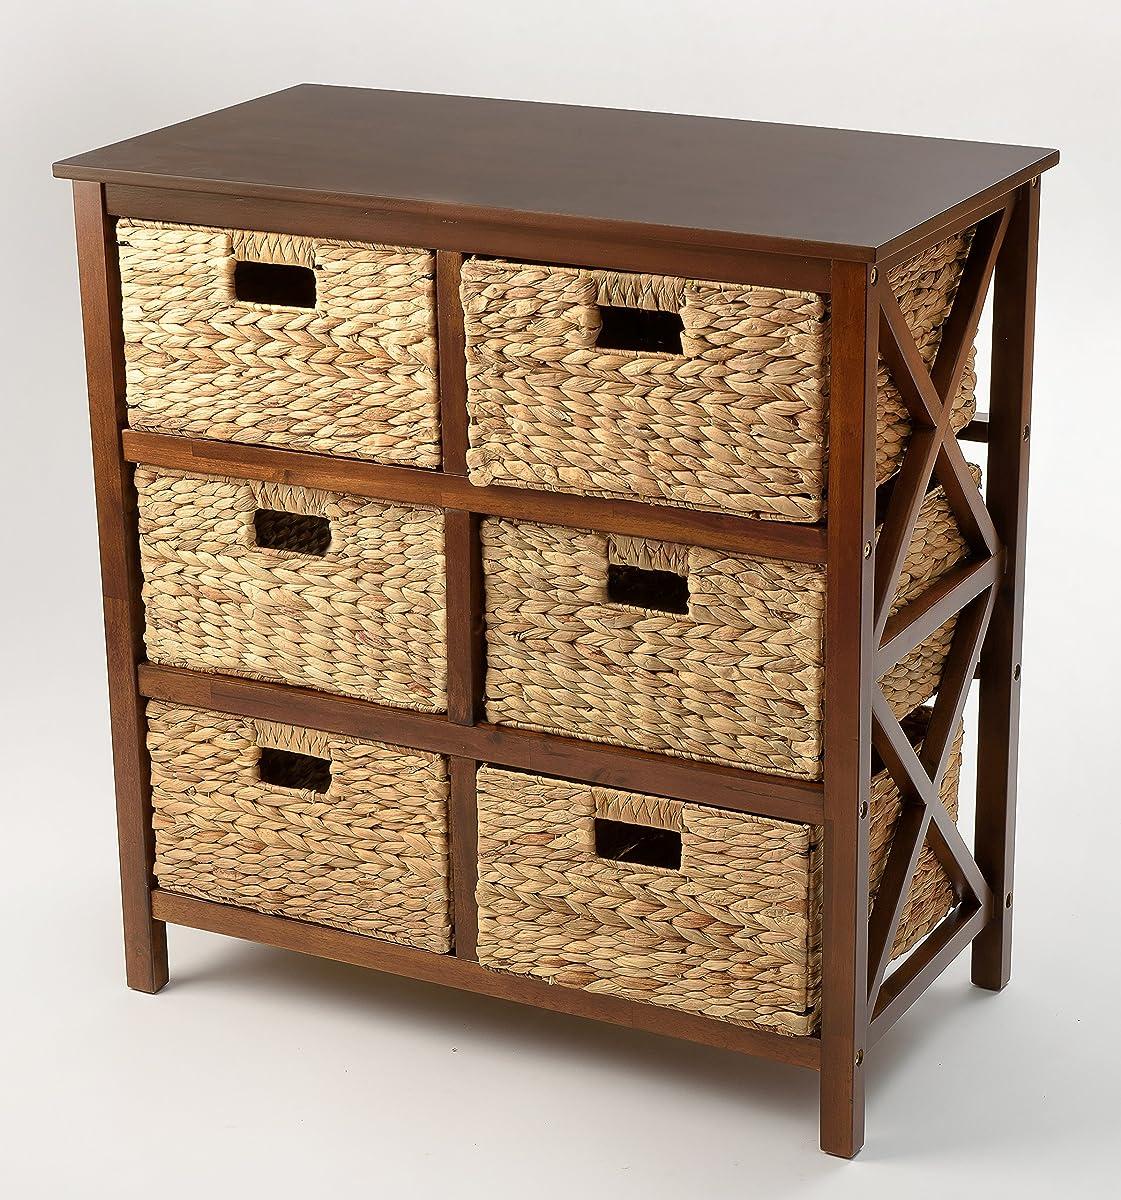 3 Tier X-Side Storage Cabinet with 6 Baskets (Walnut)